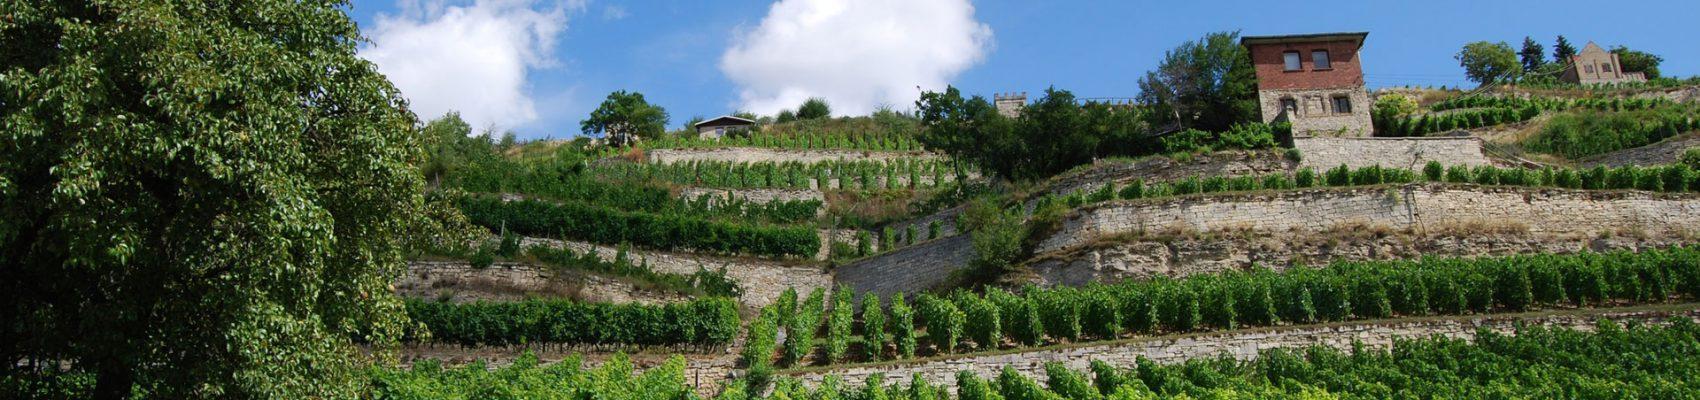 vineyear-gourmet-productos-vino-turismo-casas-rurales-cerca-de-bodegas-y-viñedos-productos-burgos-españa-productos